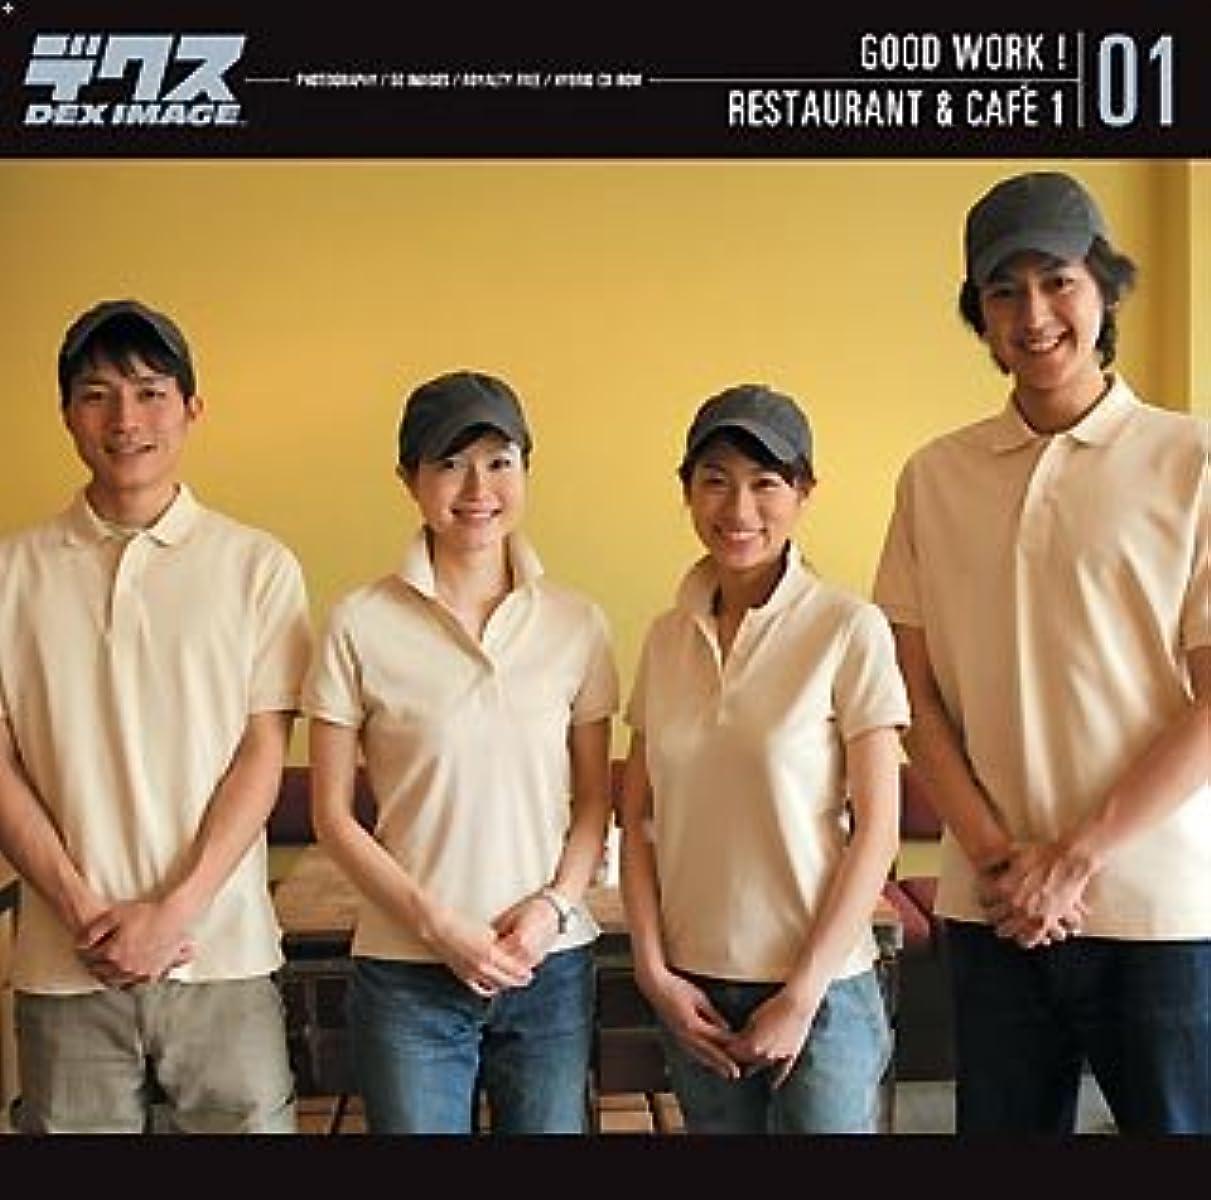 クルー牧師放つGOOD WORK! 01 RESTRAUNT&CAFE1